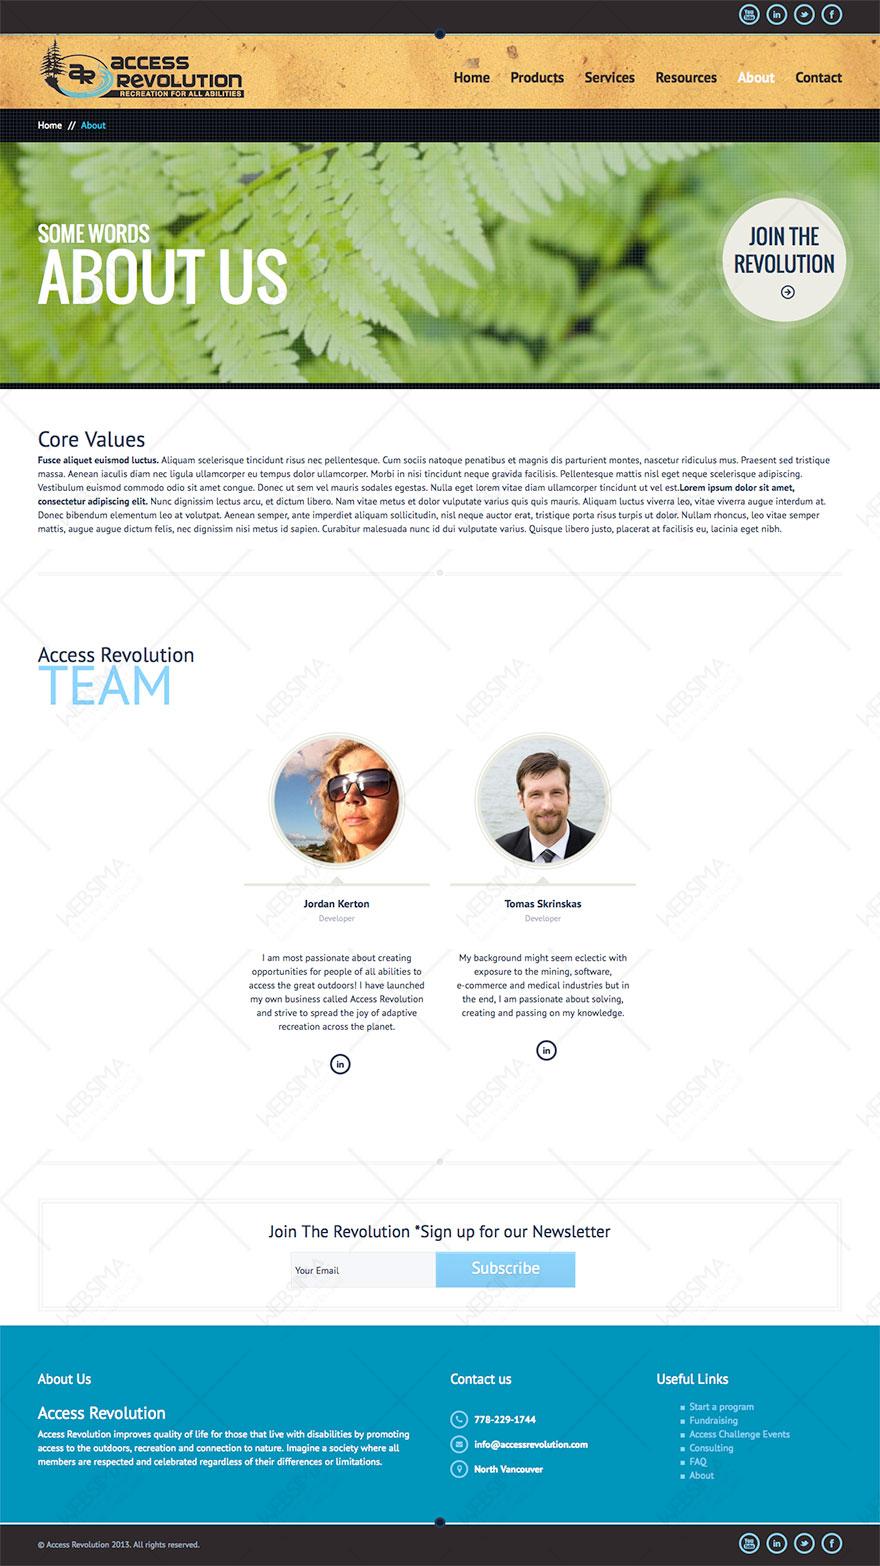 طراحی و سئو وبسایت Access Revolution